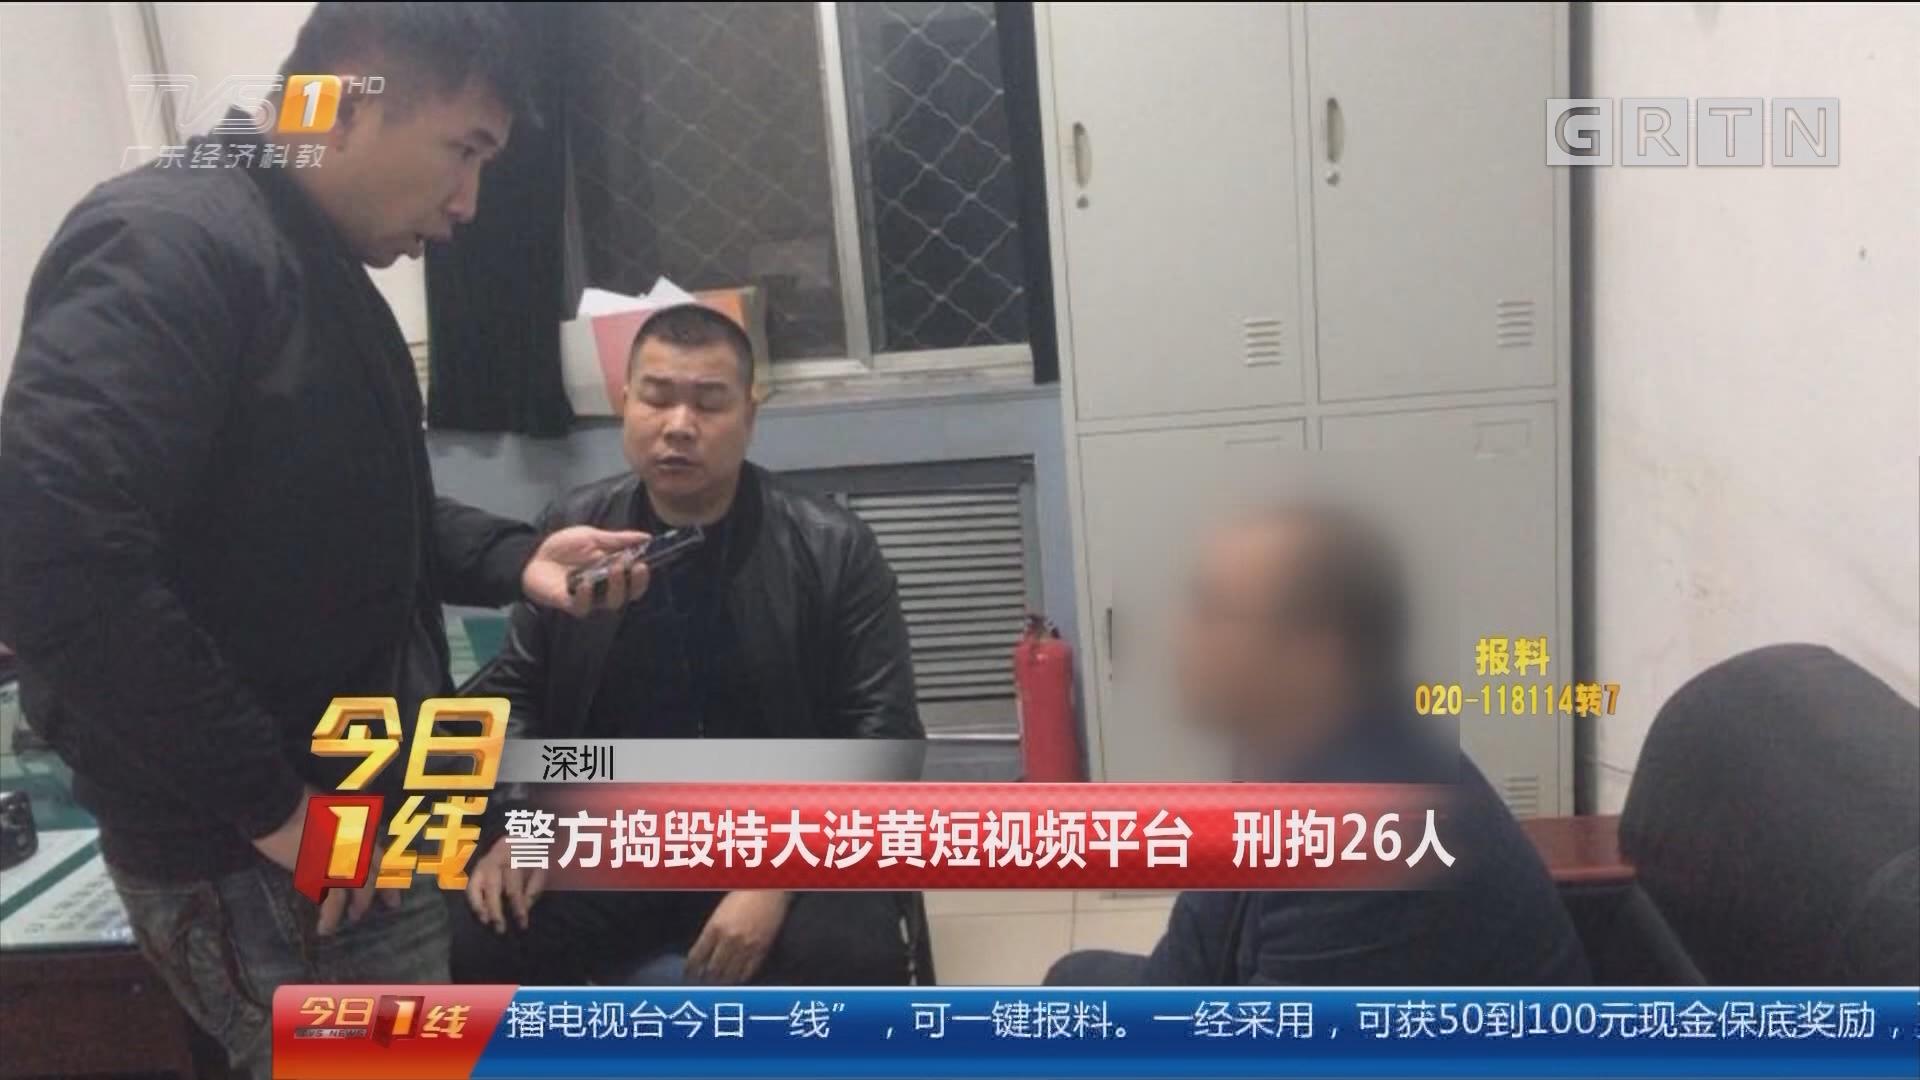 深圳:警方捣毁特大涉黄短视频平台 刑拘26人